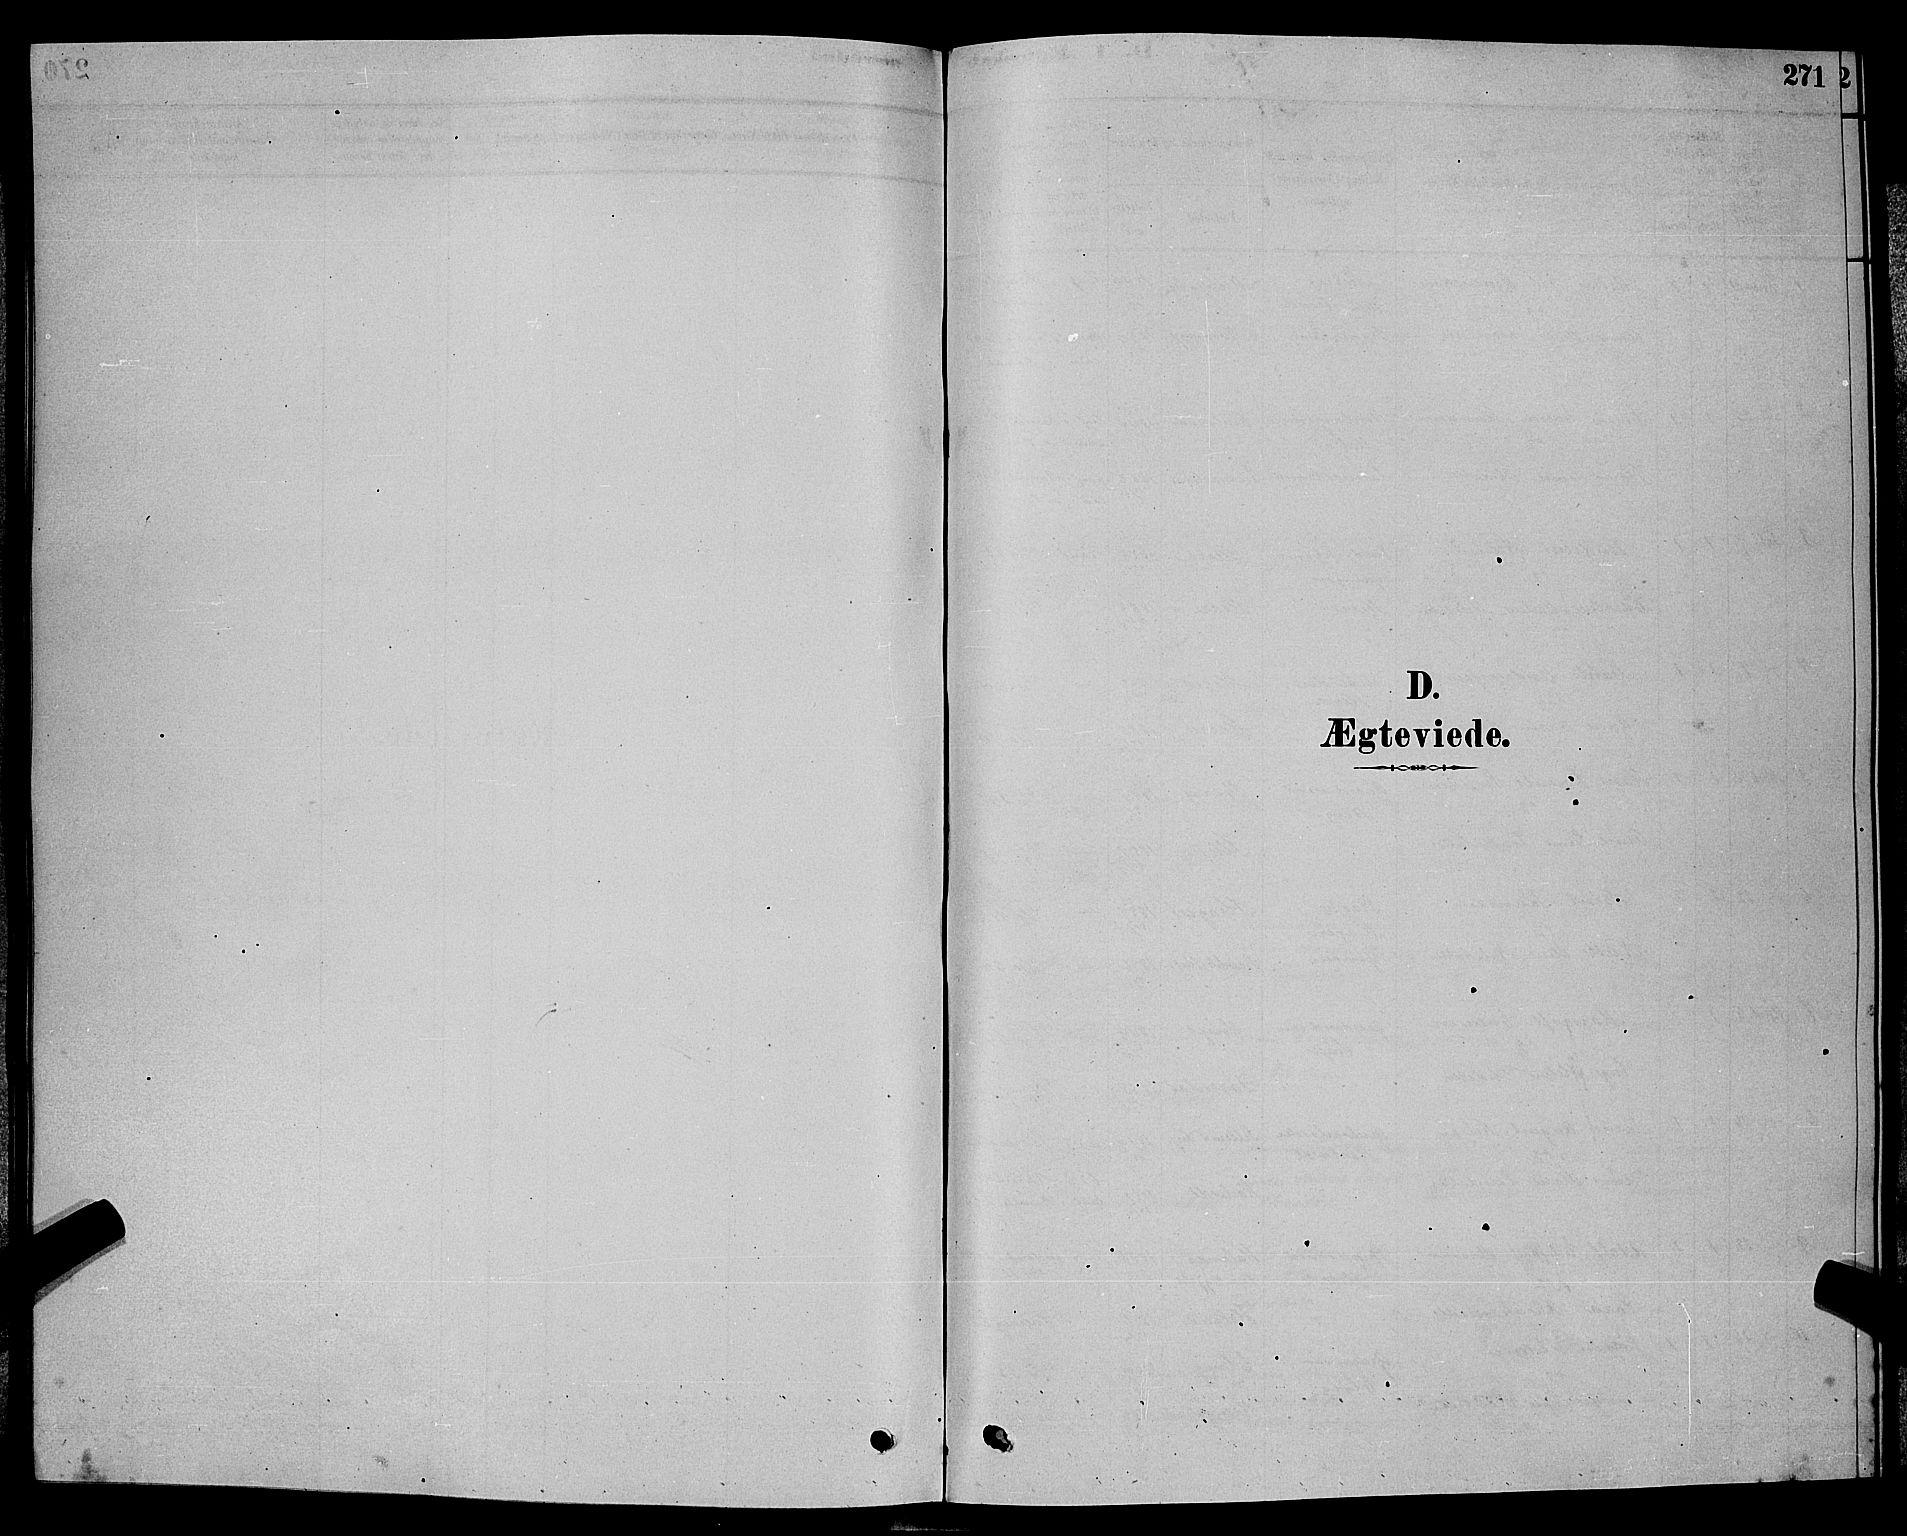 SAKO, Bamble kirkebøker, G/Ga/L0008: Klokkerbok nr. I 8, 1878-1888, s. 271